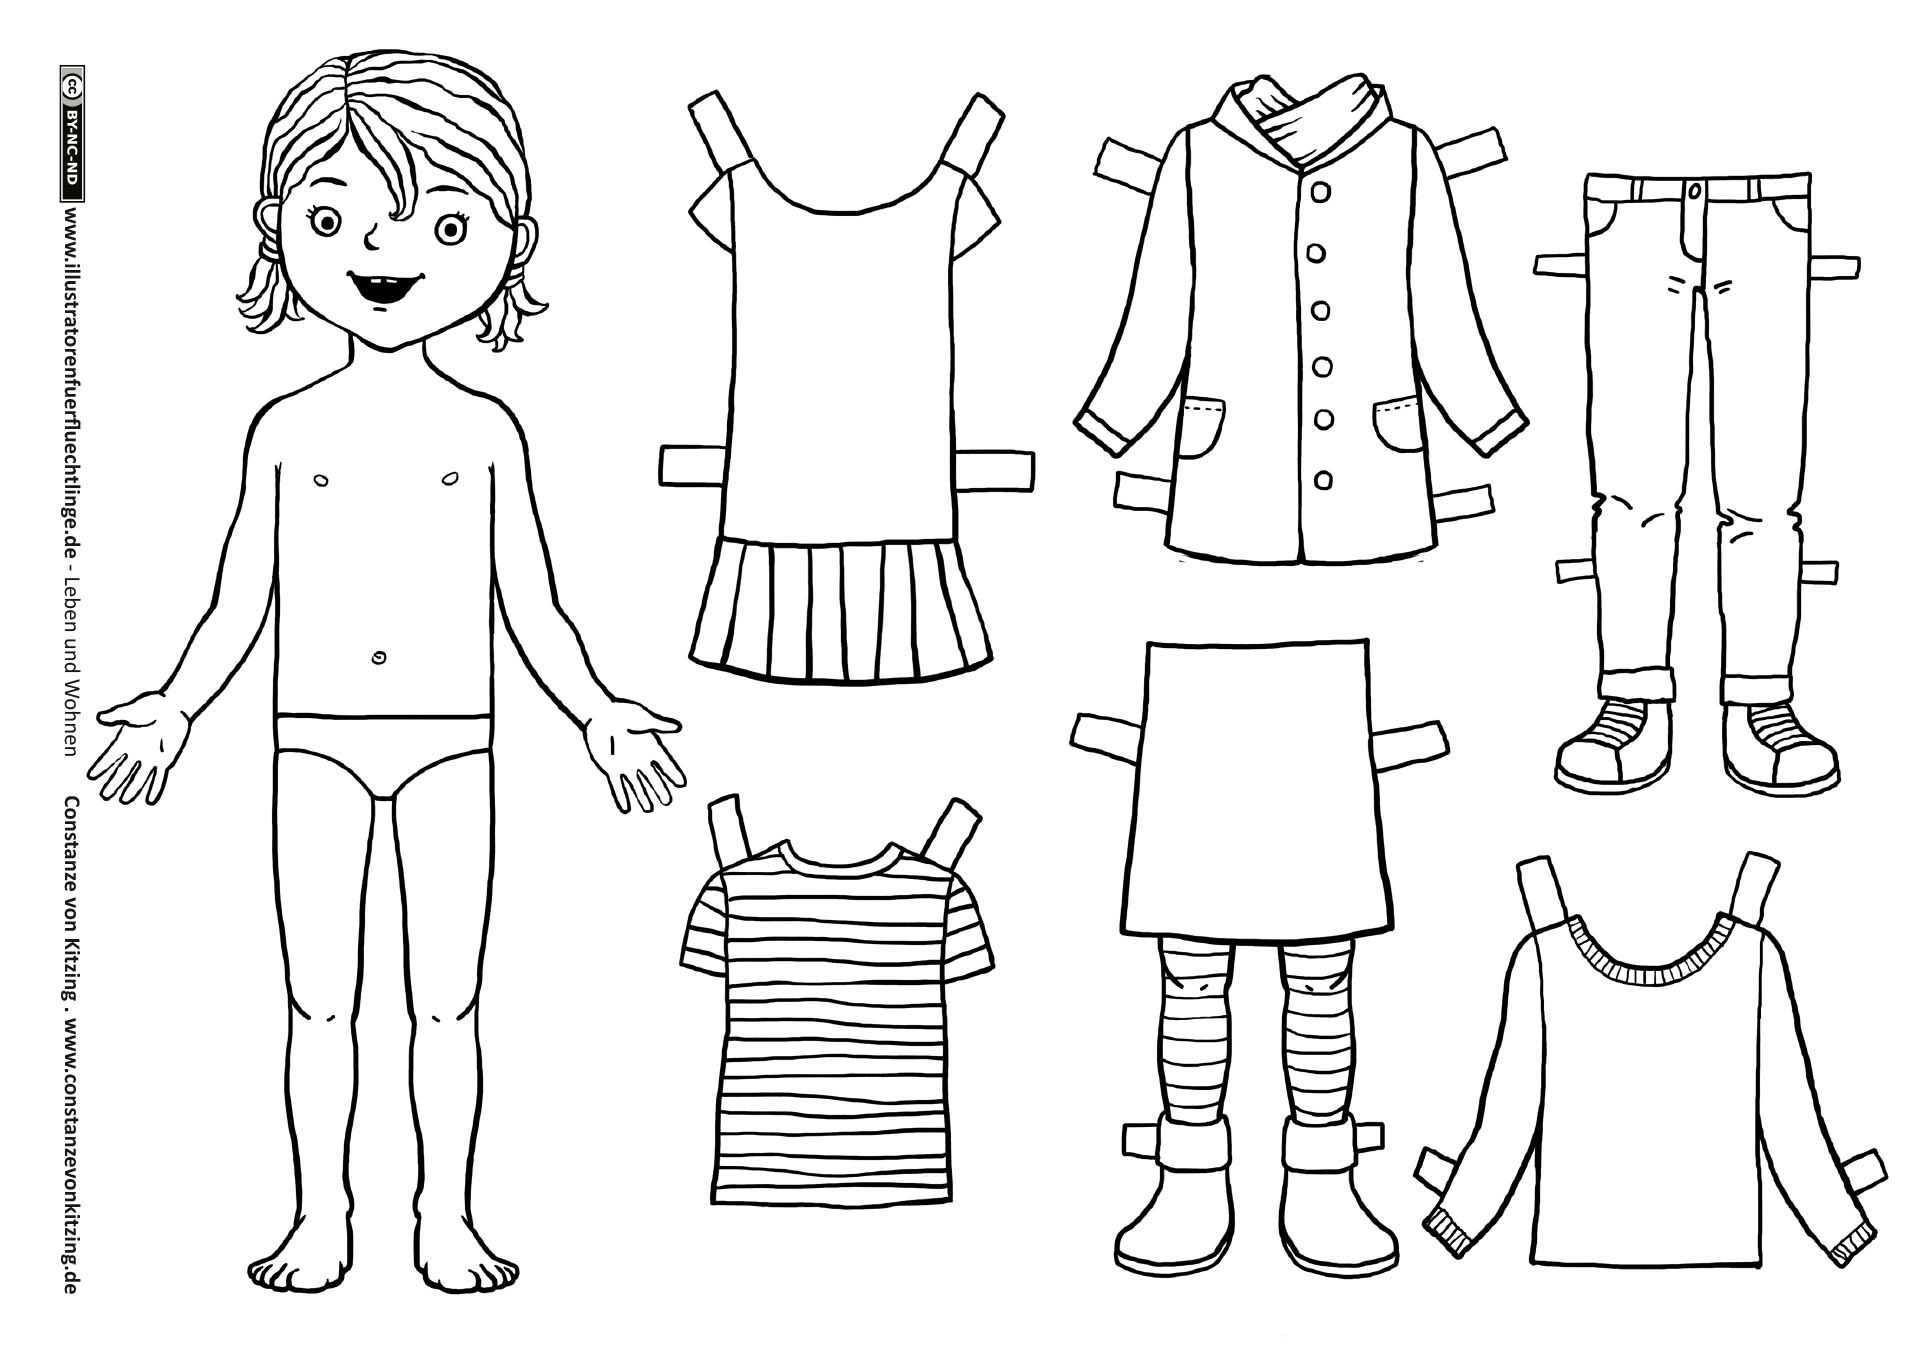 Download Als Pdf Leben Und Wohnen Kleidung Anziehpuppe Madchen Von Kitzing Papierpuppen Papier Kind Ausmalbilder